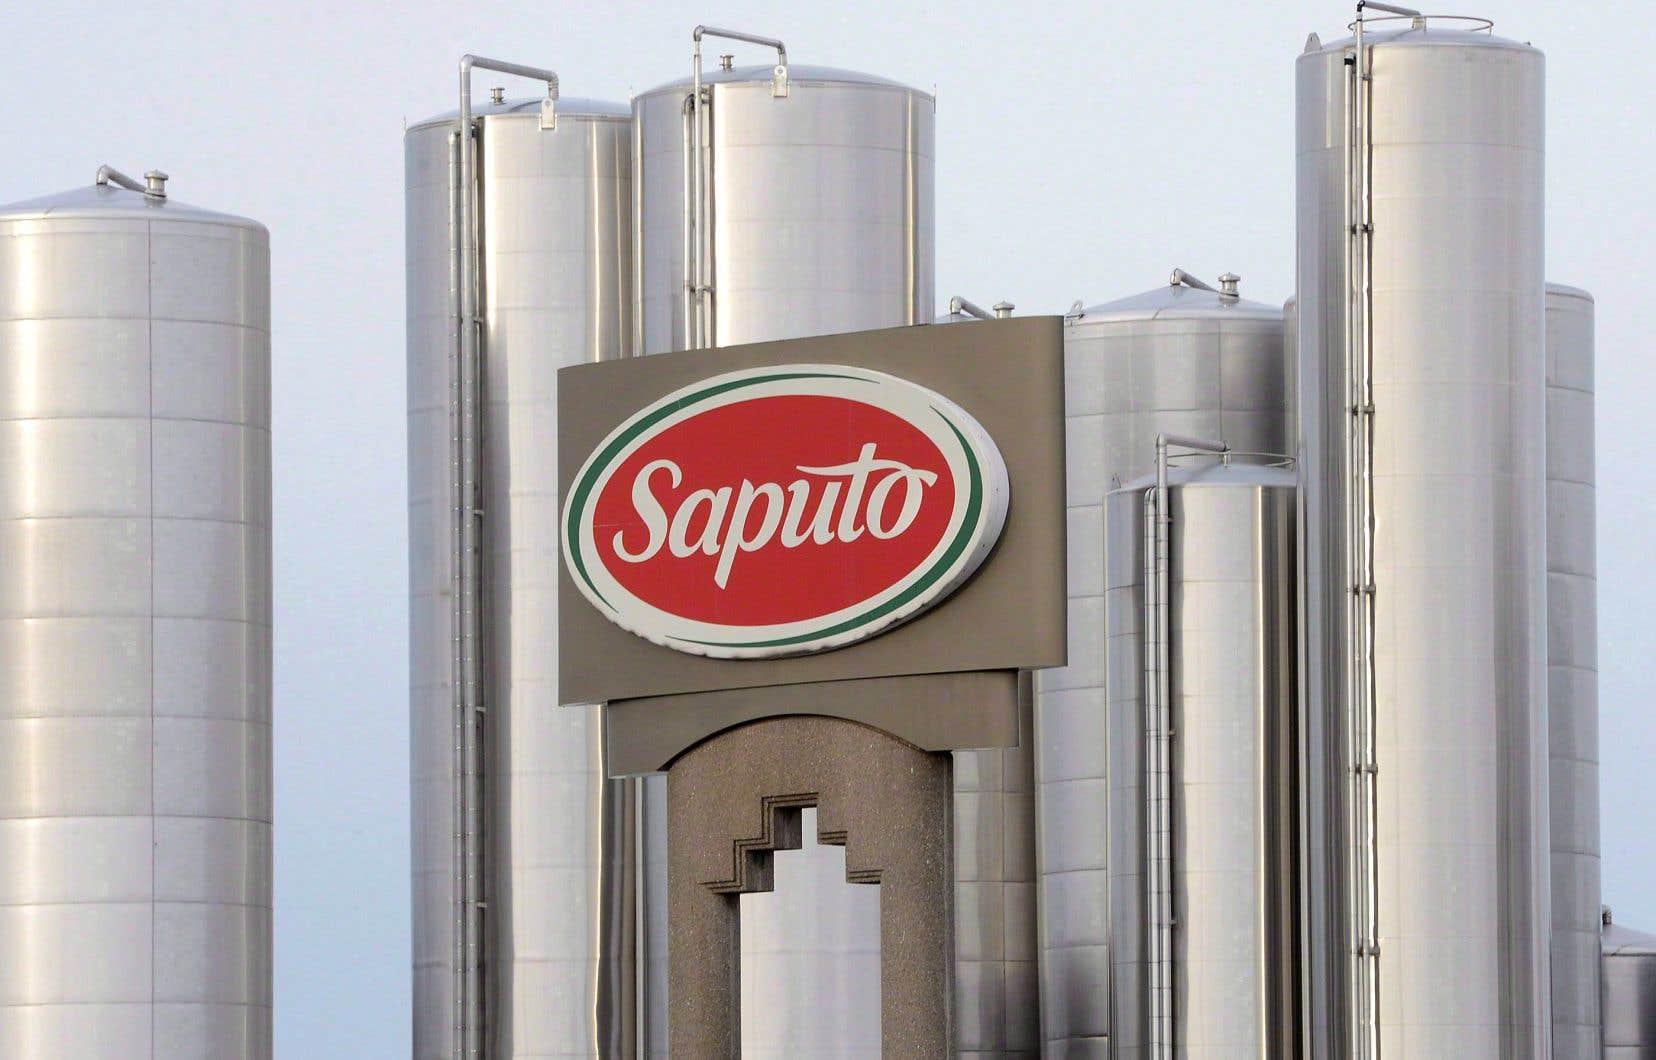 Saputo avait mis le pied dans le marché australien en 2014 grâce à l'acquisition de Warrnambool Cheese Butter (WCB).